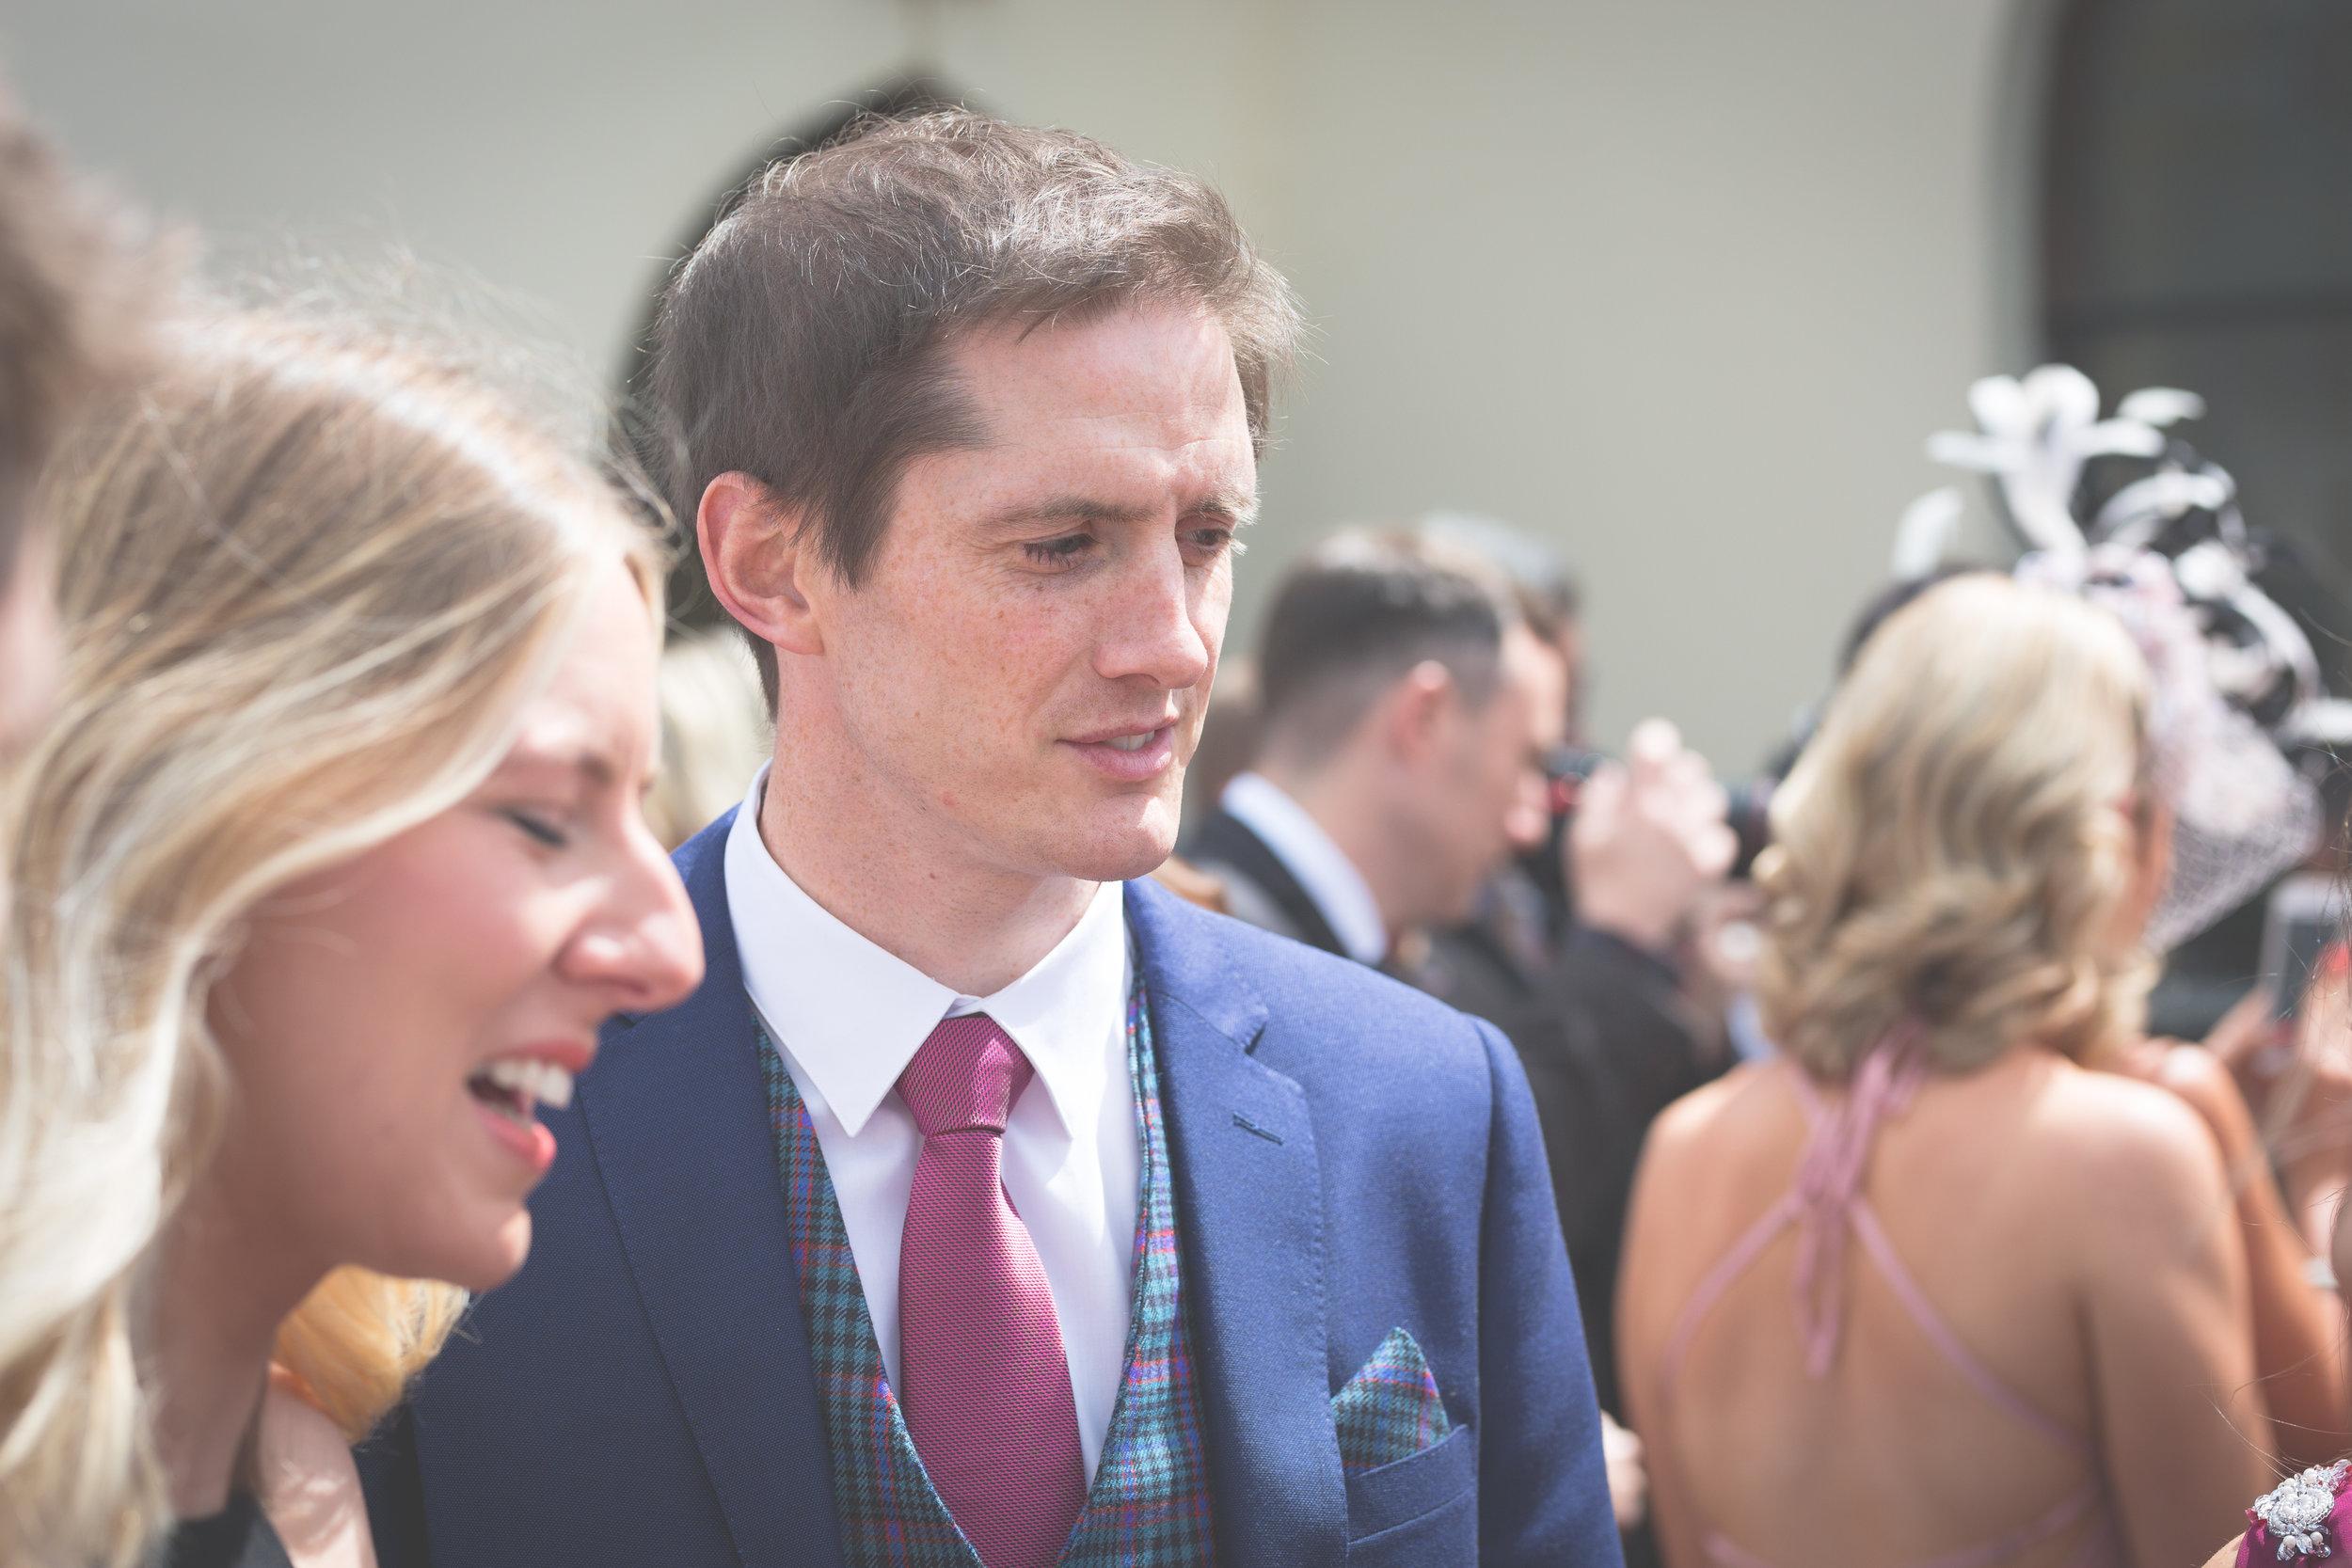 Brian McEwan Wedding Photography   Carol-Anne & Sean   The Ceremony-128.jpg